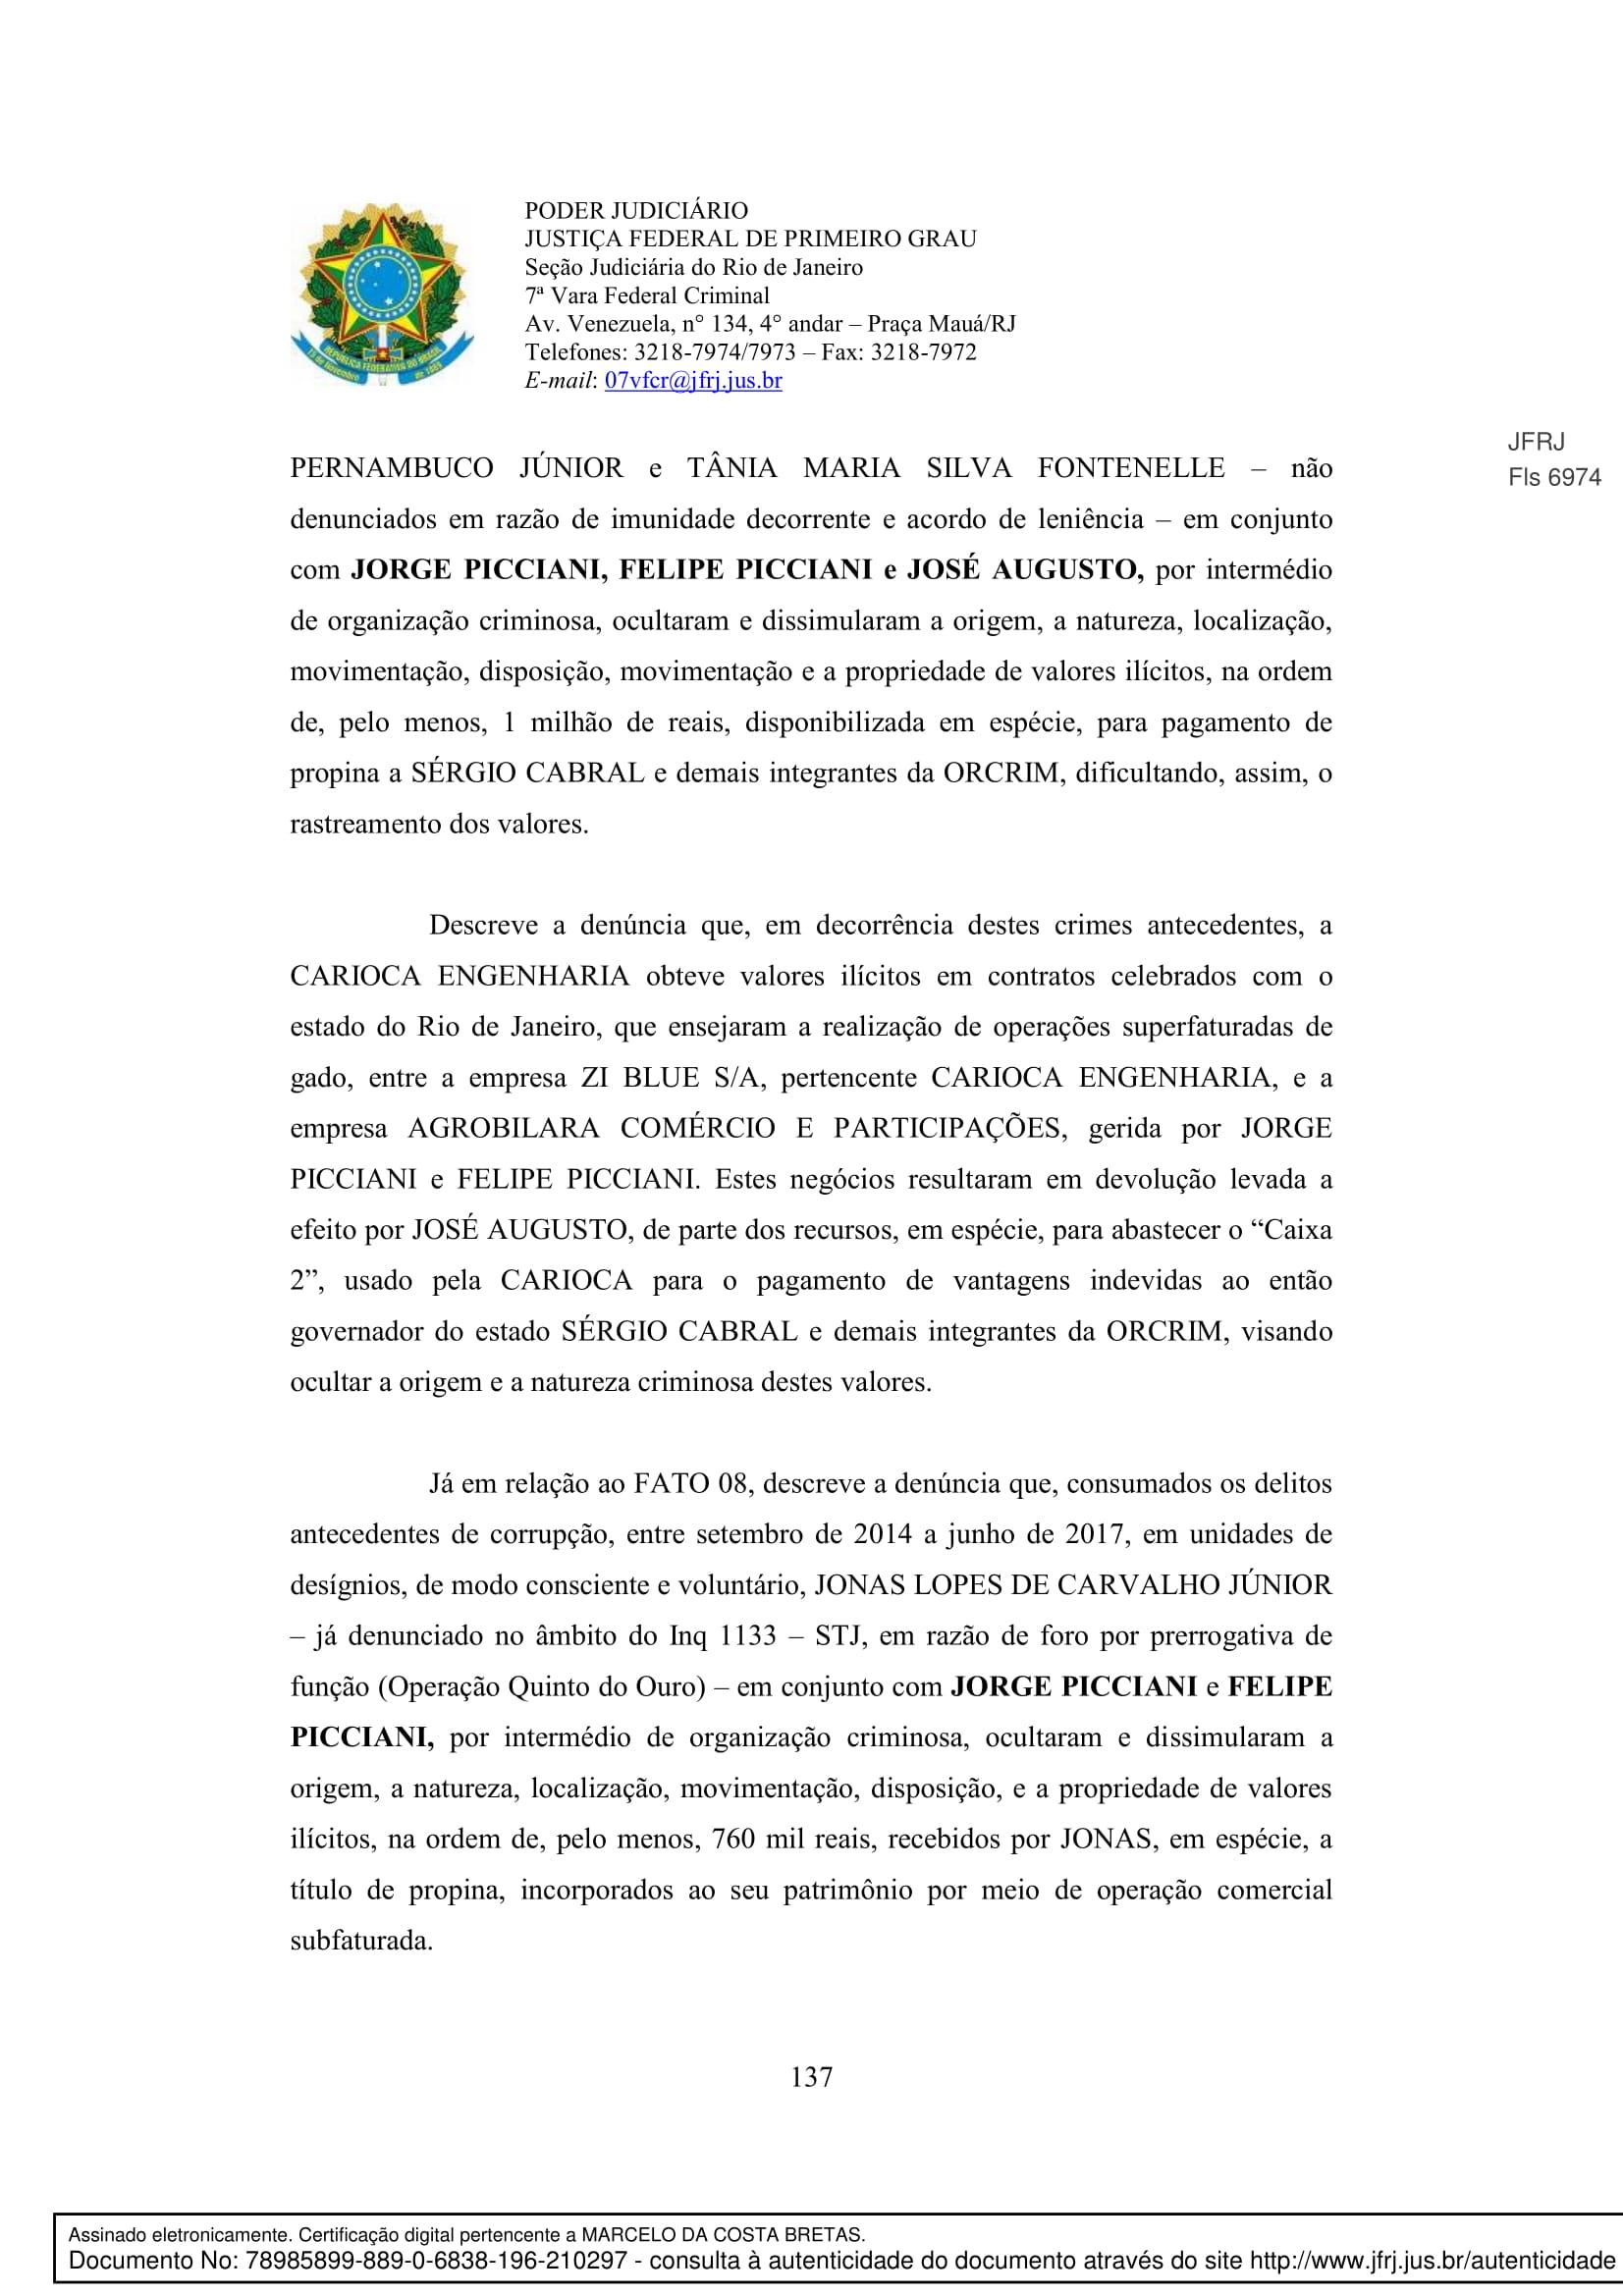 Sentenca-Cadeia-Velha-7VFC-137